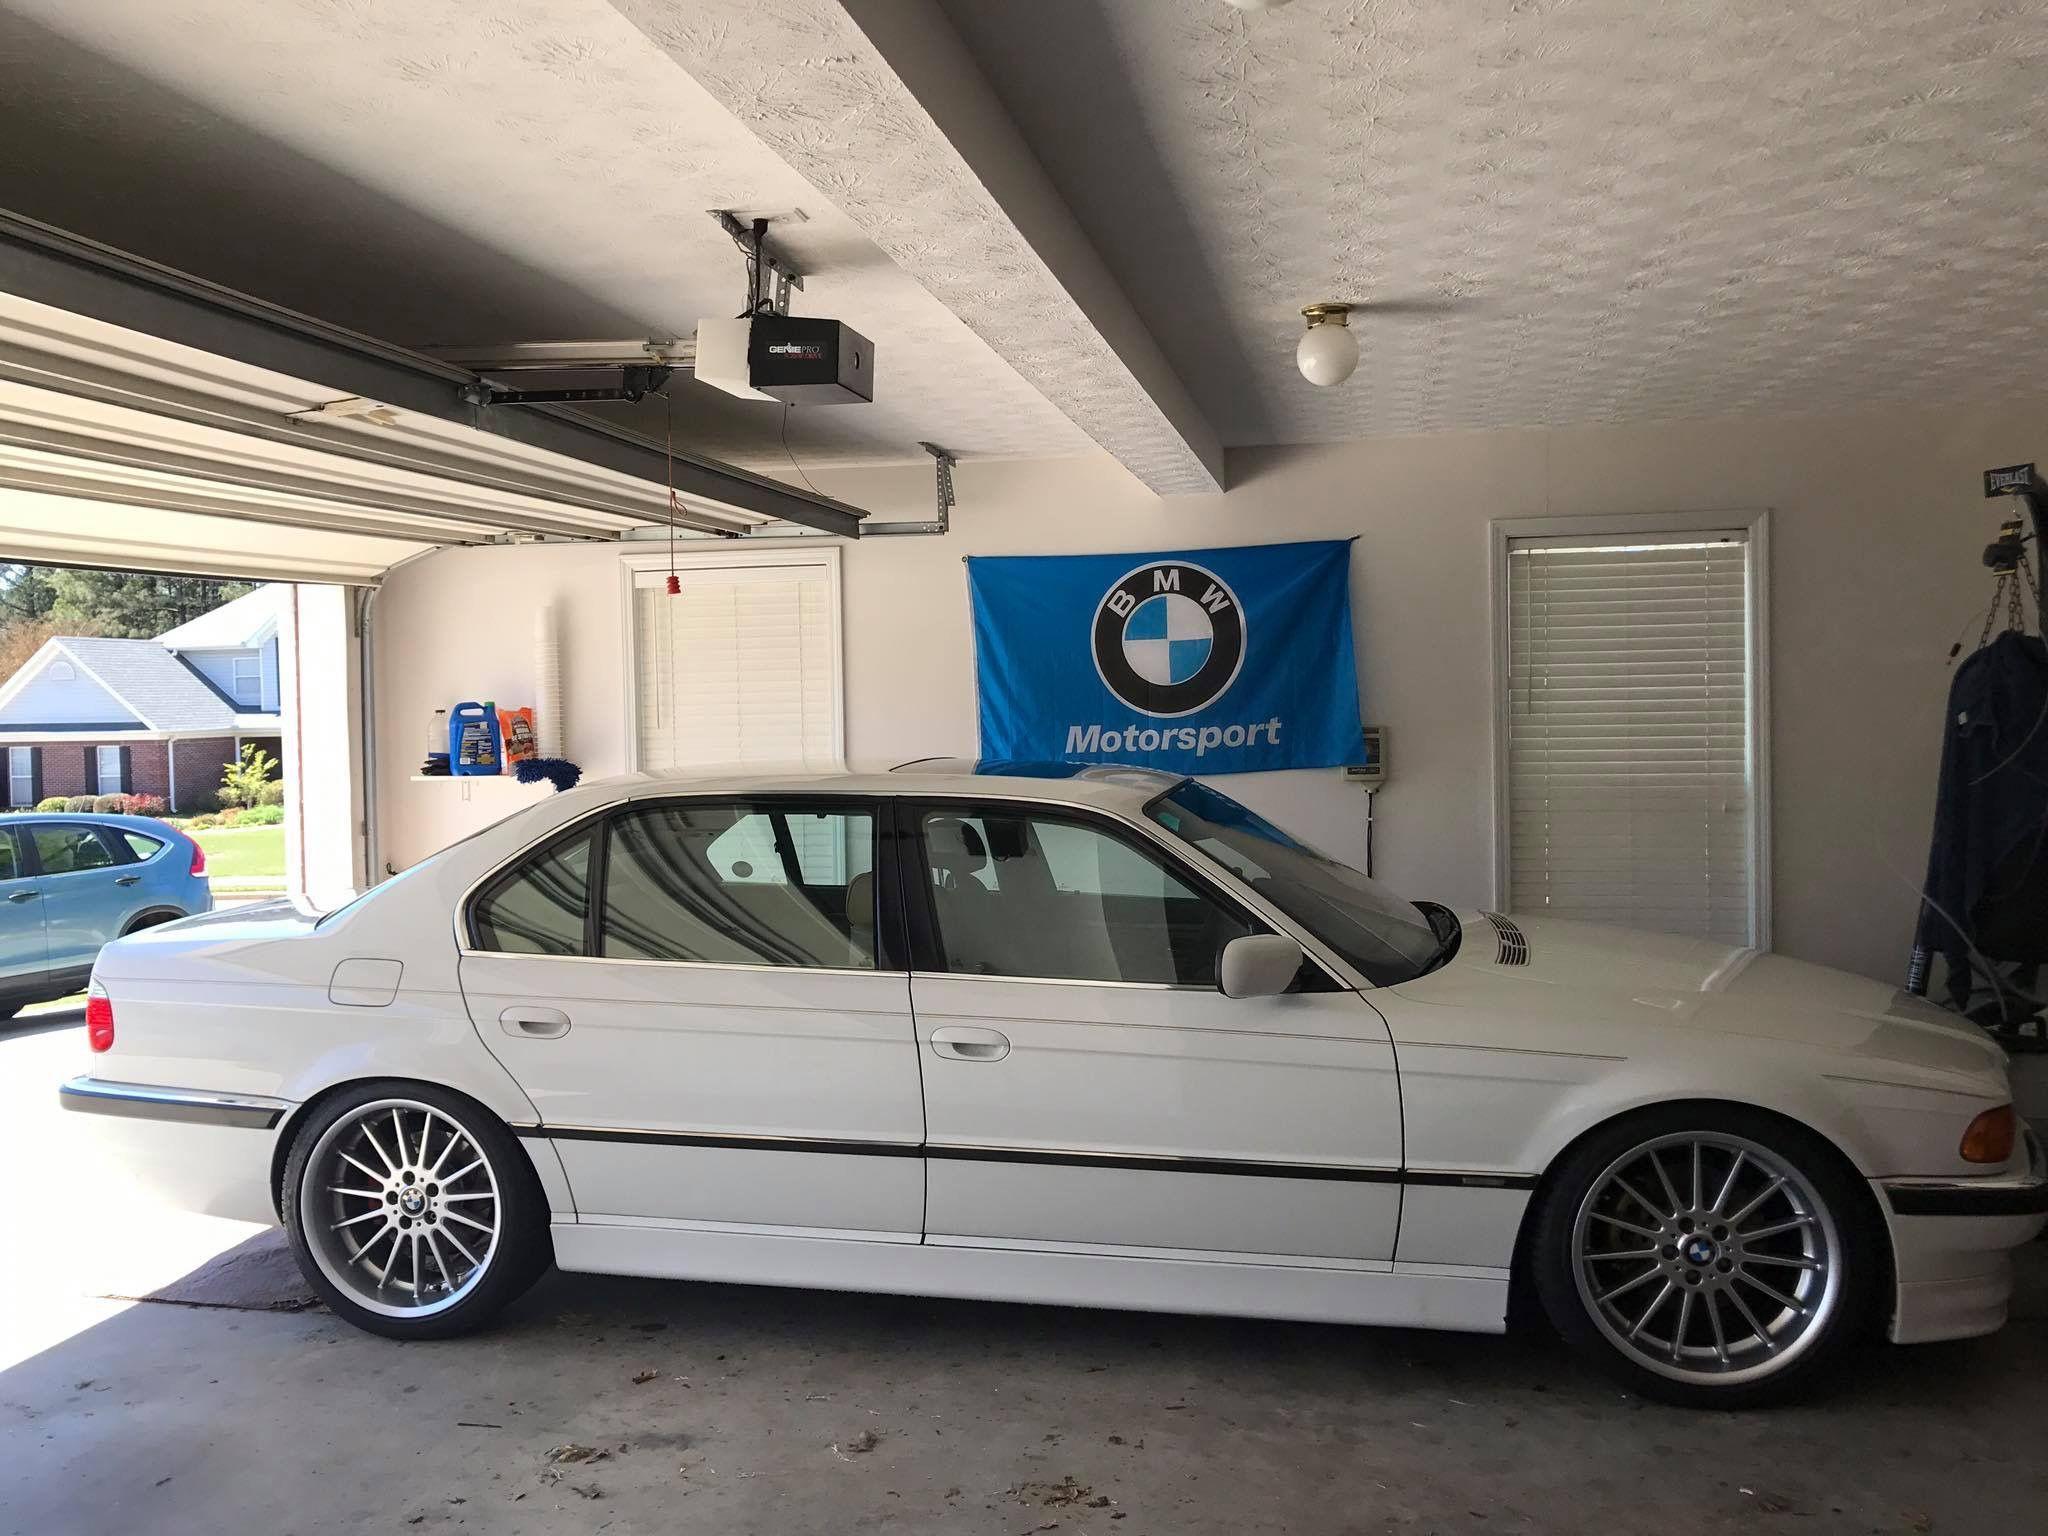 Bmw E38 Alpine White With Style 32 20 Bmw E38 Bmw 740 Bmw Classic